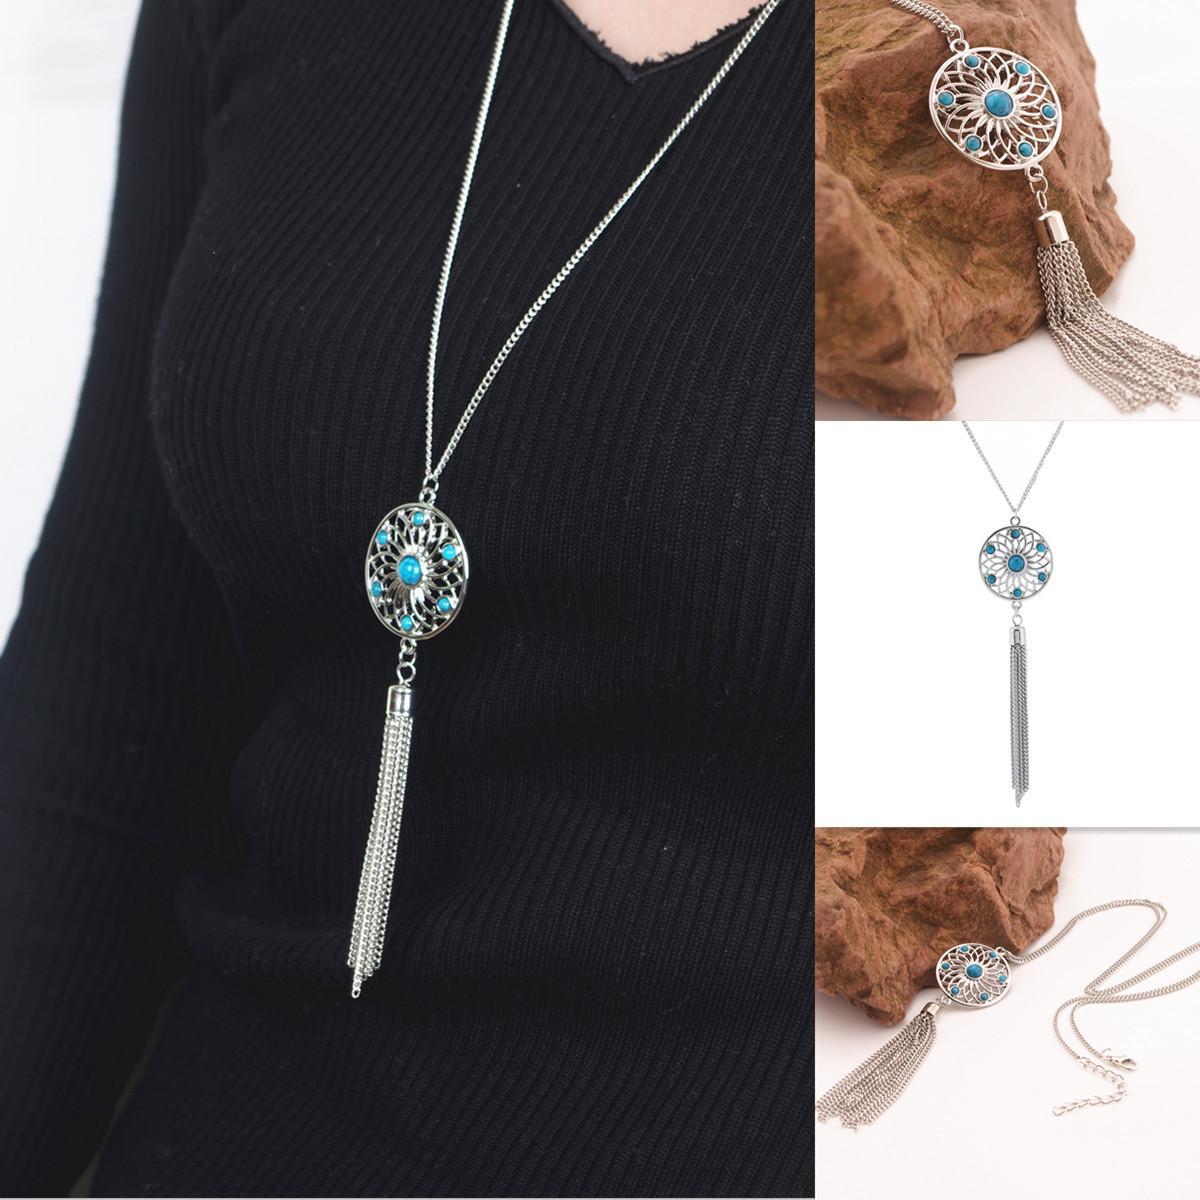 Pendentifs Colliers Bohême Vintage Femmes Bleu Perles Argent Plaqué Creux Fleur Gland Chaînes Clavicule Collier Bijoux En Gros SN828